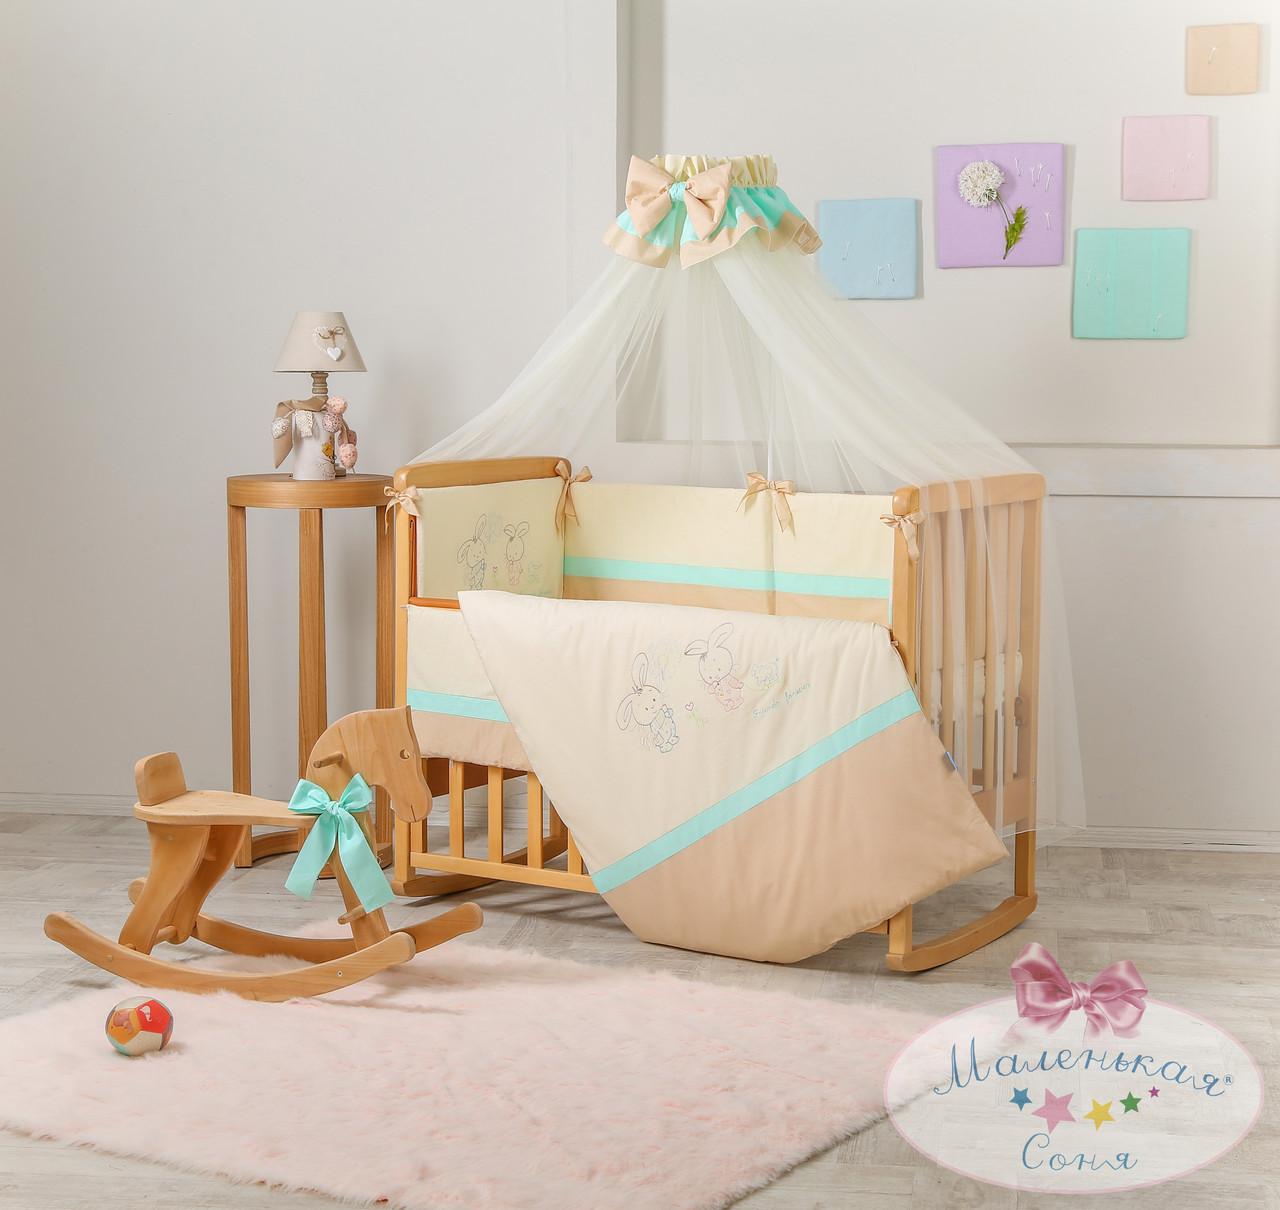 Детский постельный комплект Funny Bunny (Шоколадный, 7 элементов), Маленькая Соня